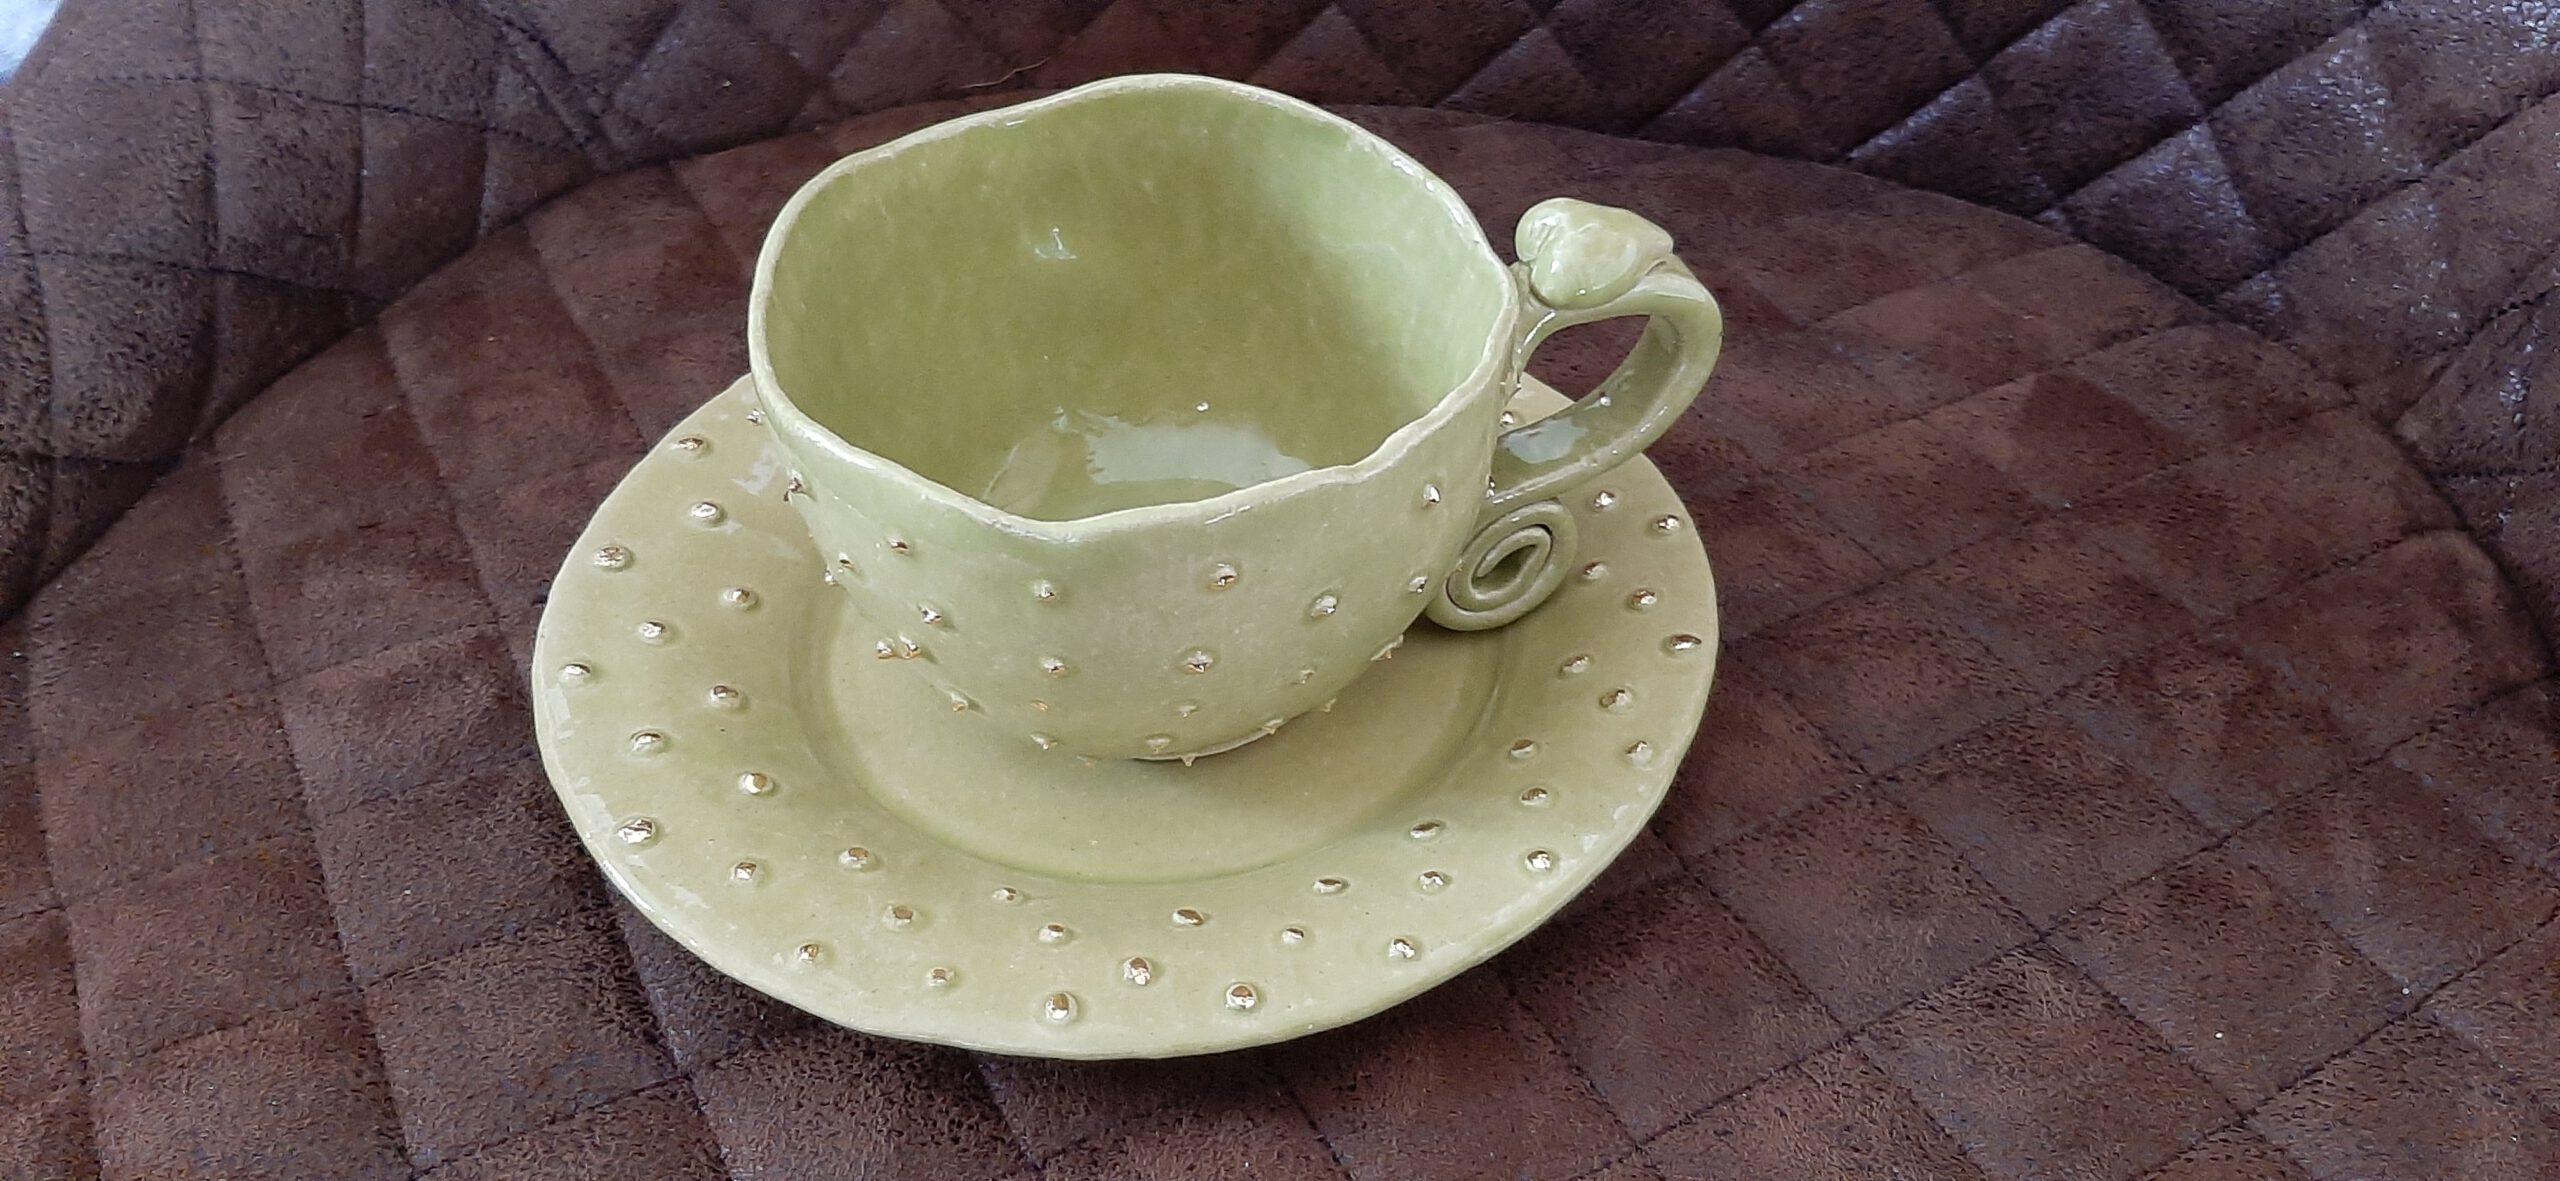 Tasse mit Teller, frühlingsgrüne Glasur, Keramik KeraMik von Herz zu Herz, Augsburg, Handarbeit, Clay Artist, Unikate